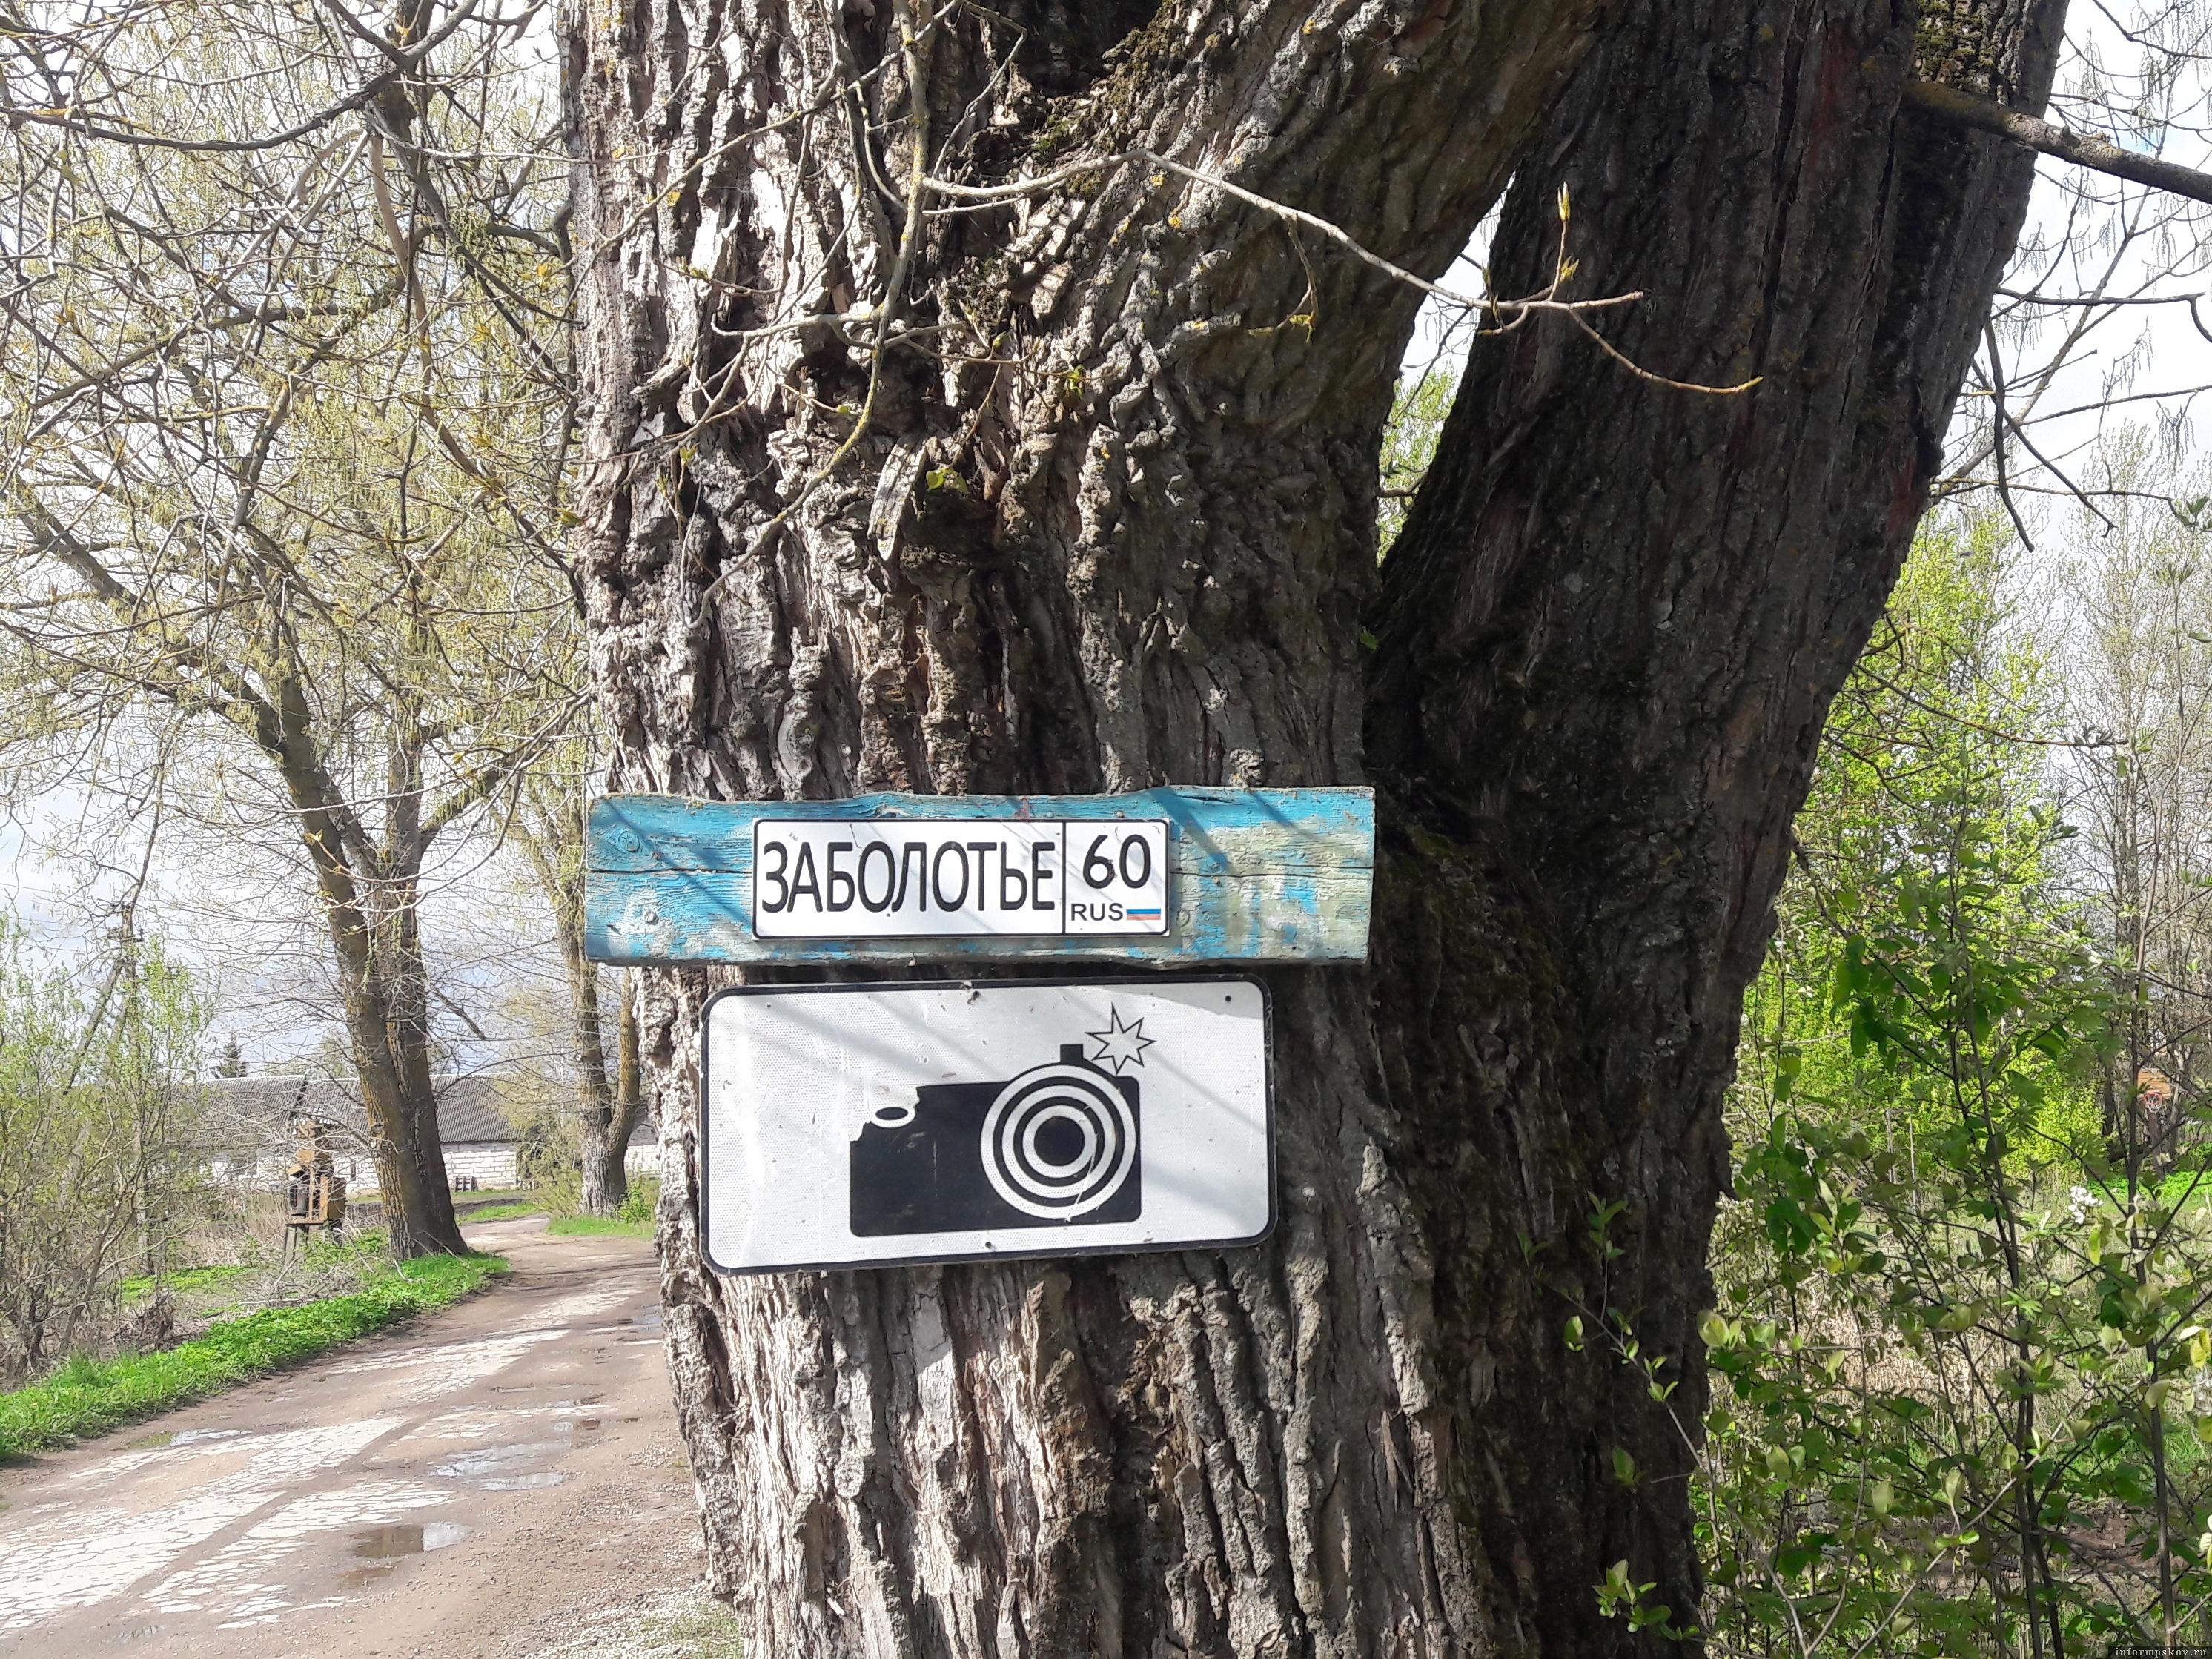 Деревня Заболотье. Добро пожаловать в карасиное царство. Фото автора.